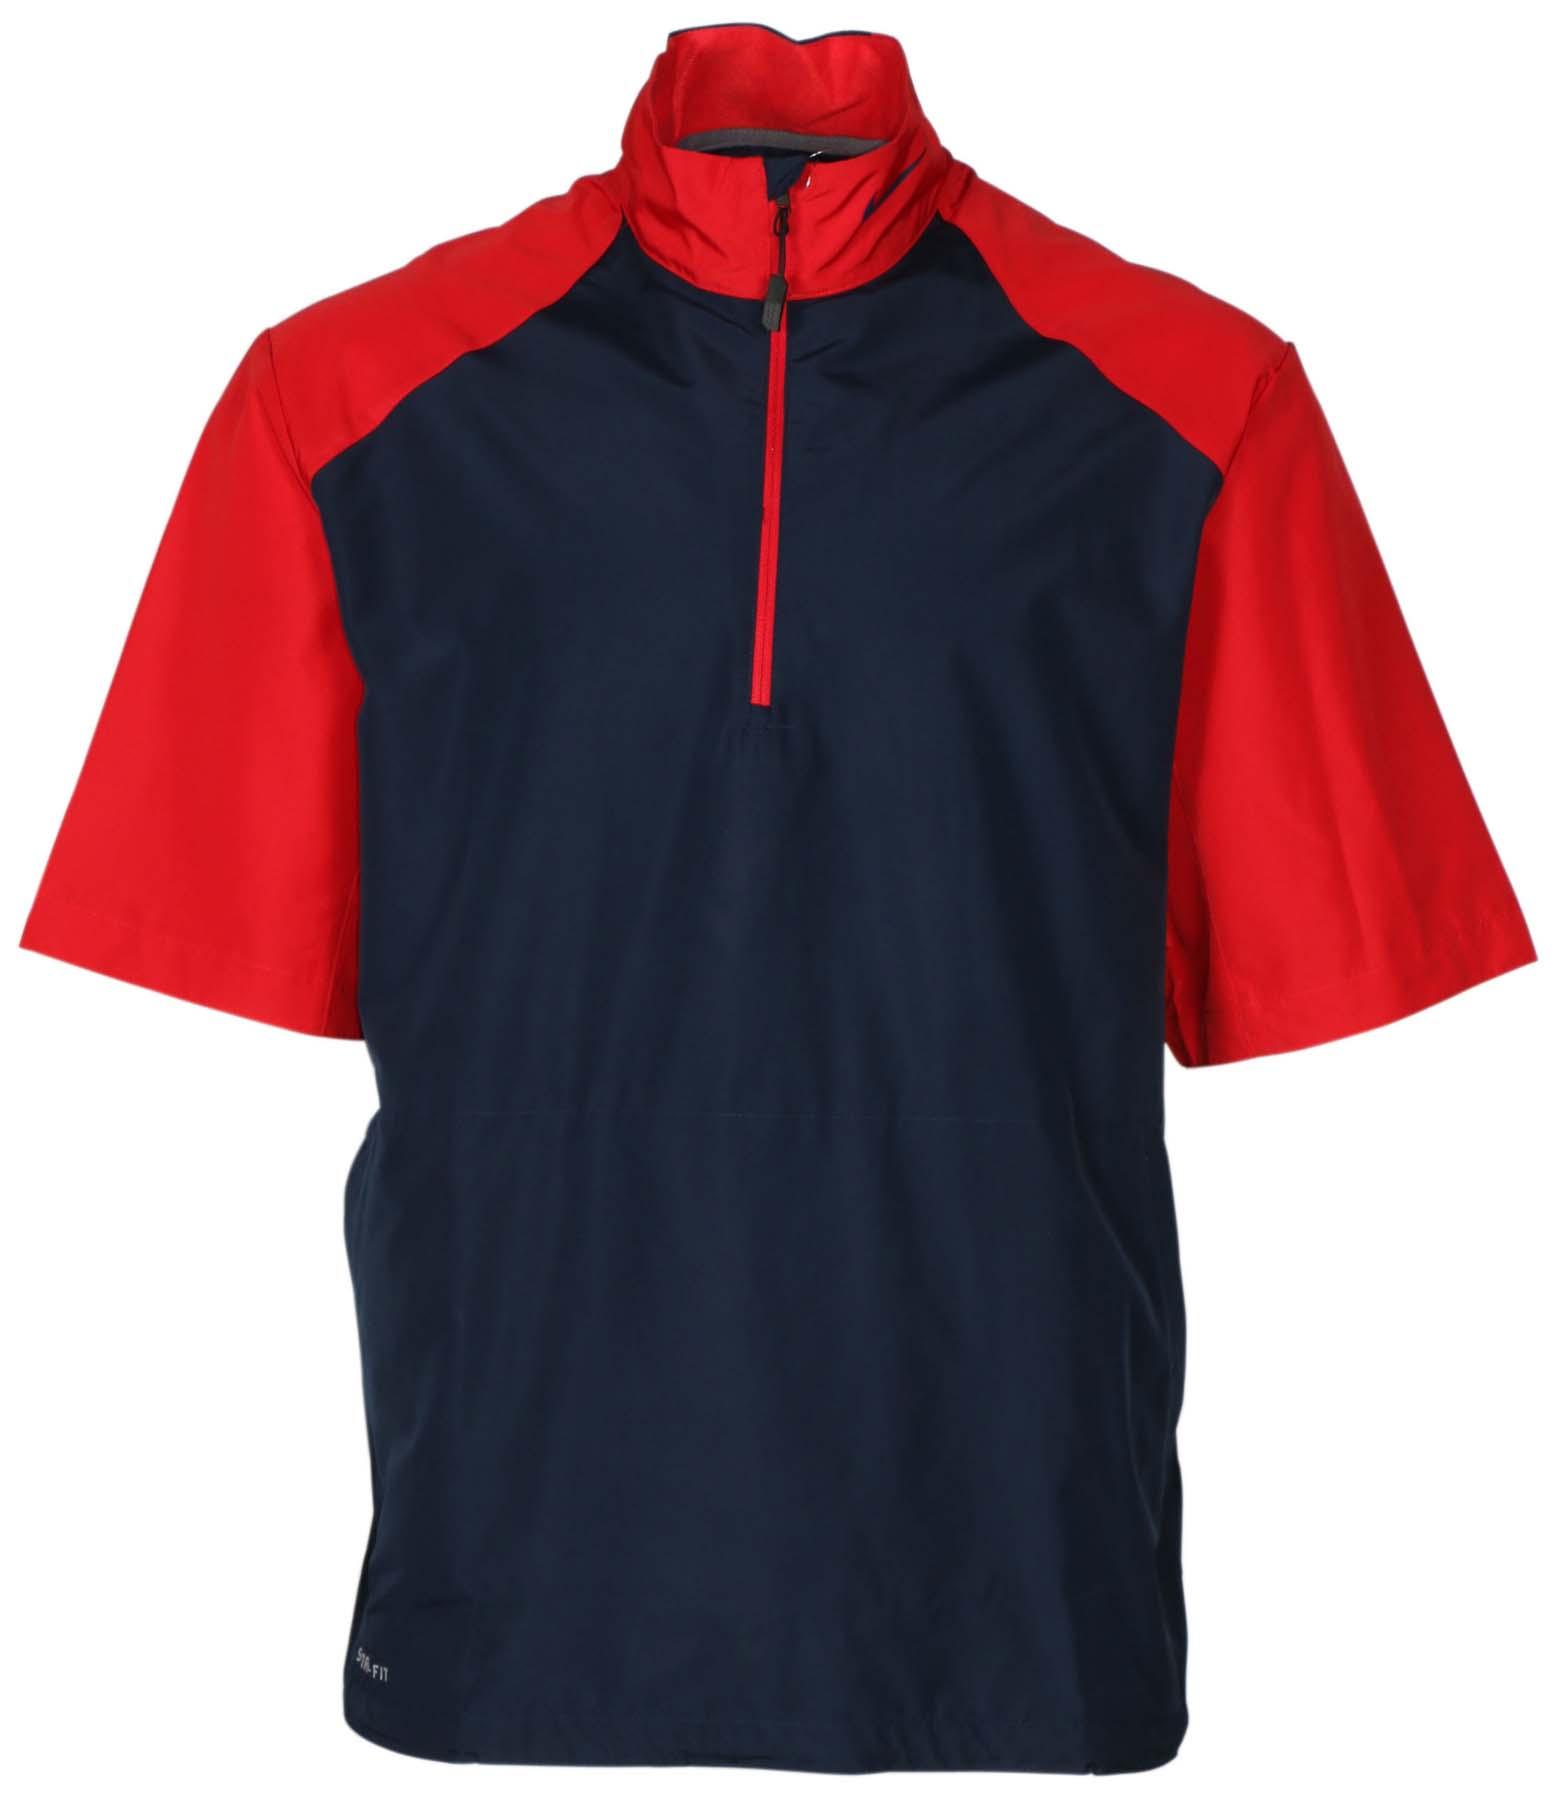 b7477abc3721 Nike Men s Storm Fit 1 2 Zip Short Sleeve Football Jacket